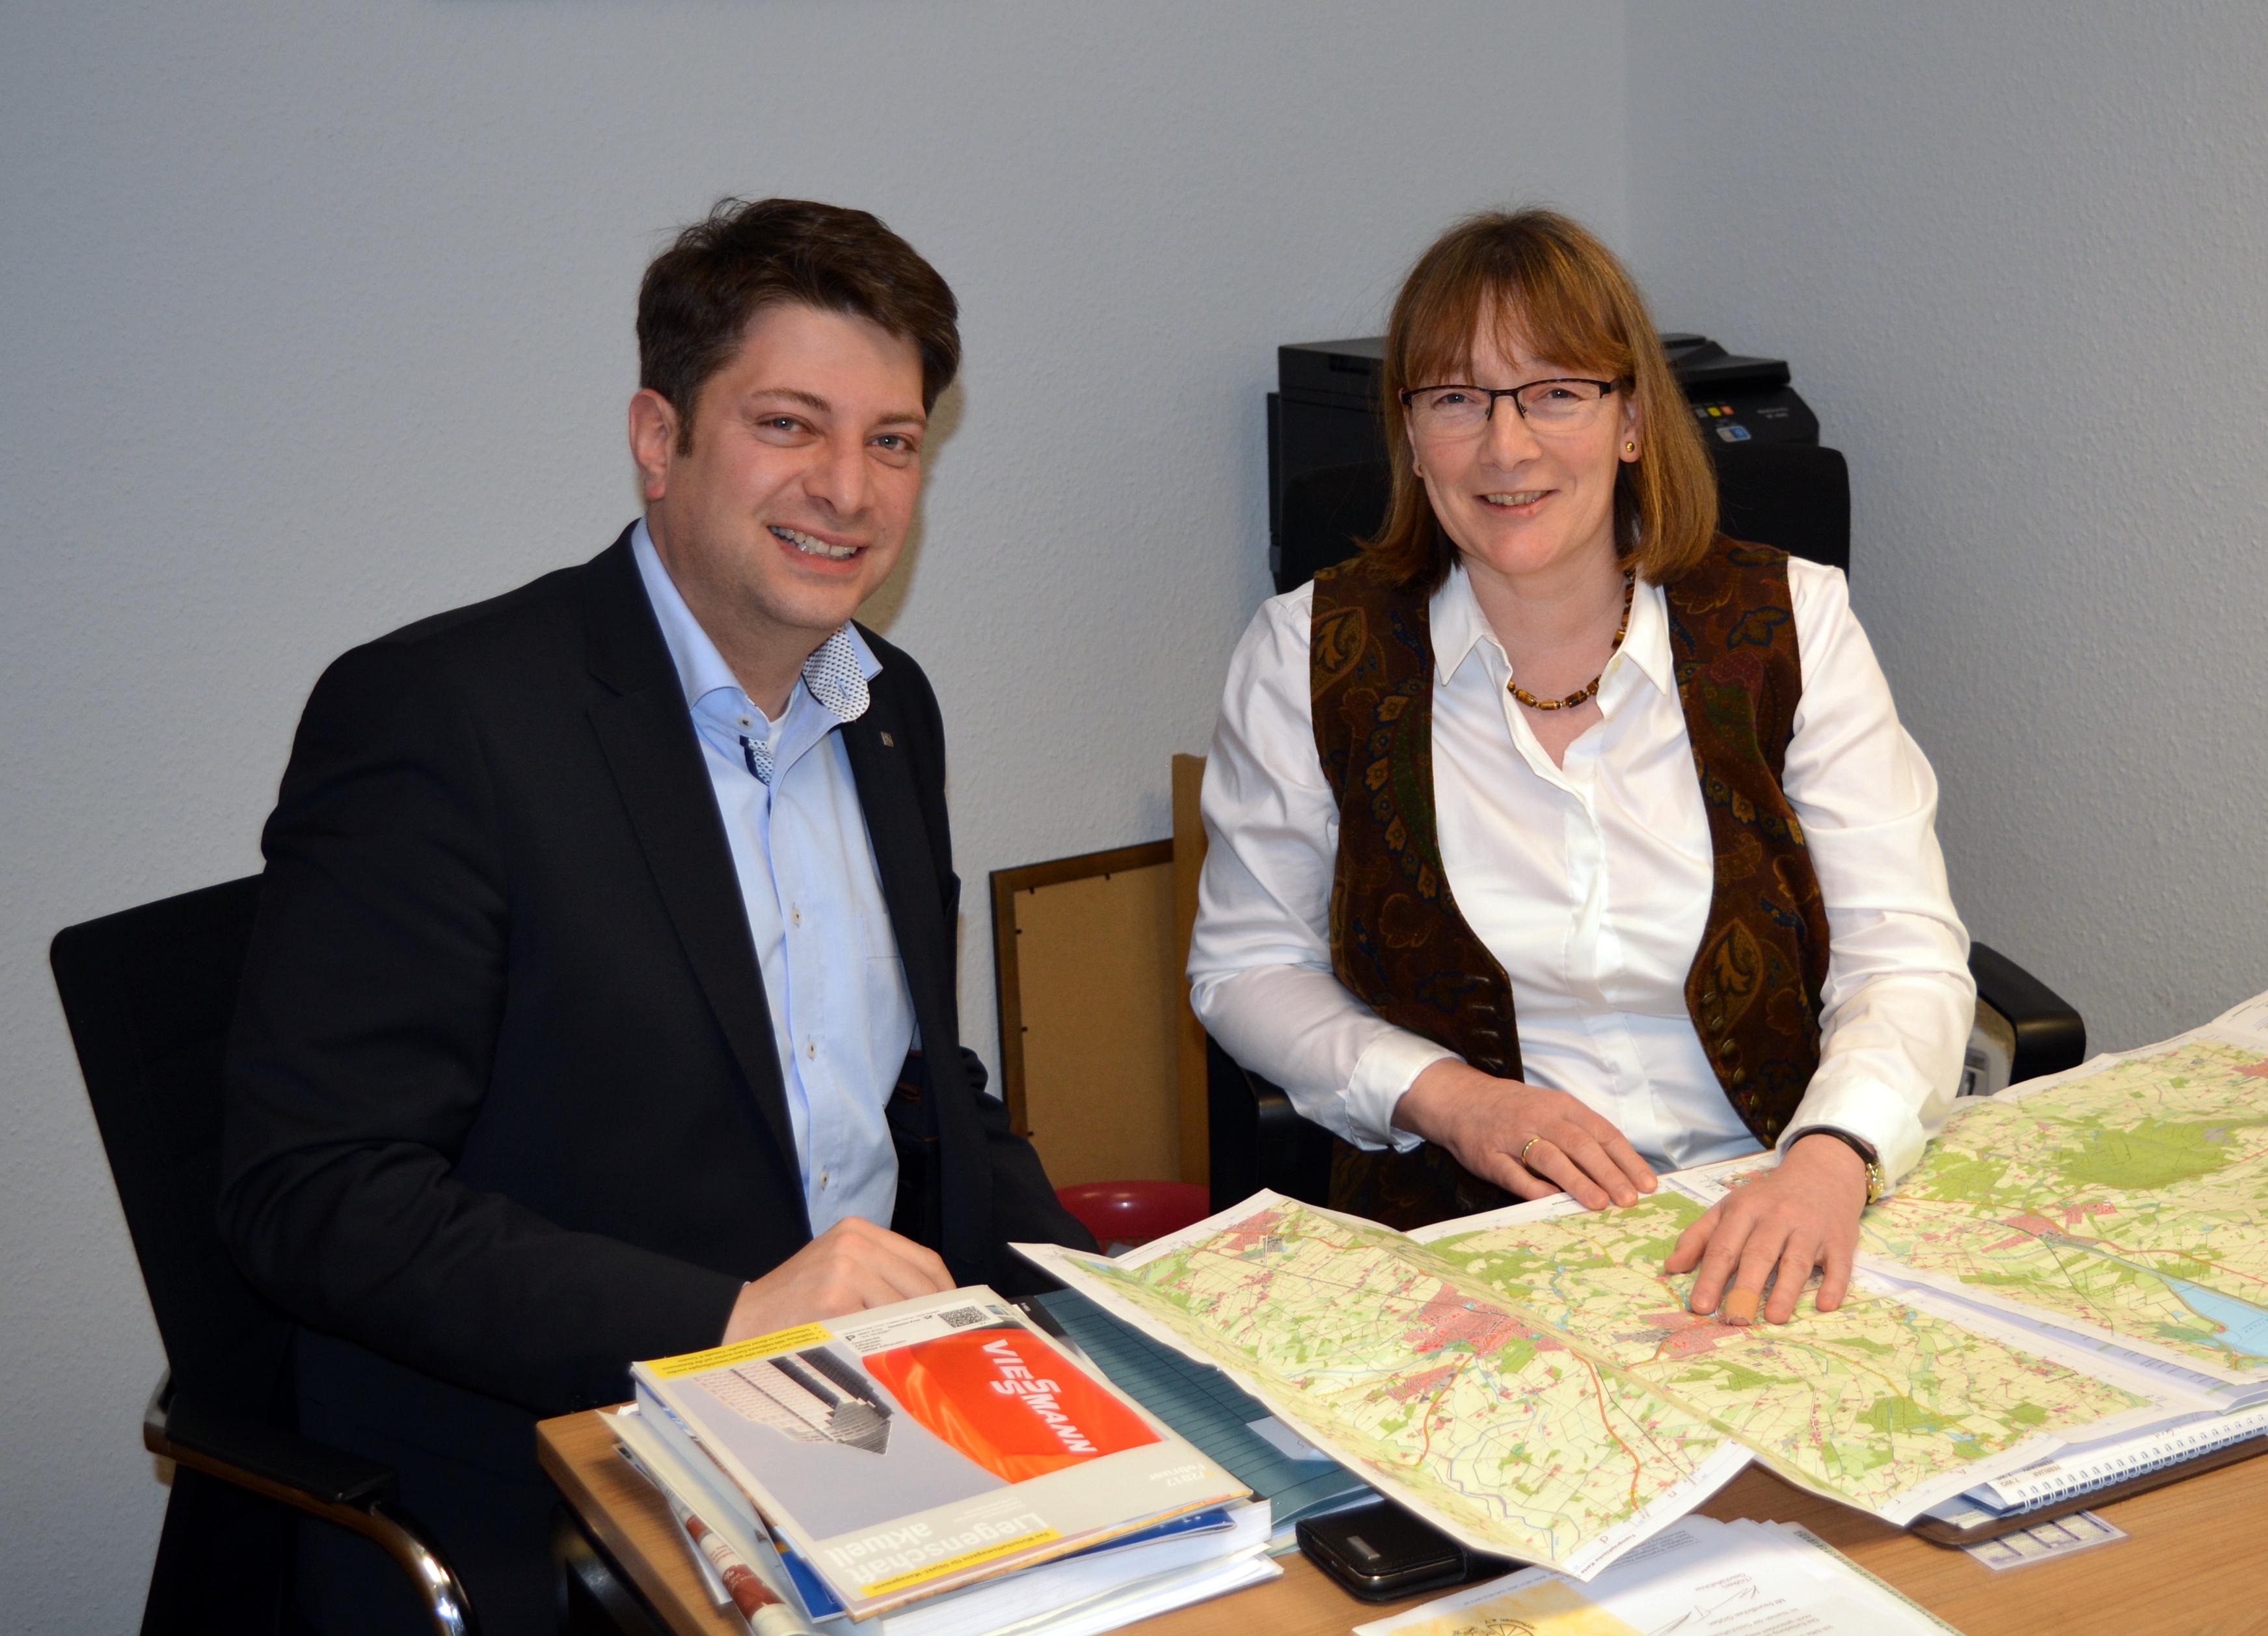 2017 Antrittsbesuch bei der neuen Bürgermeisterin der Gemeinde Alfhausen, Agnes Droste.